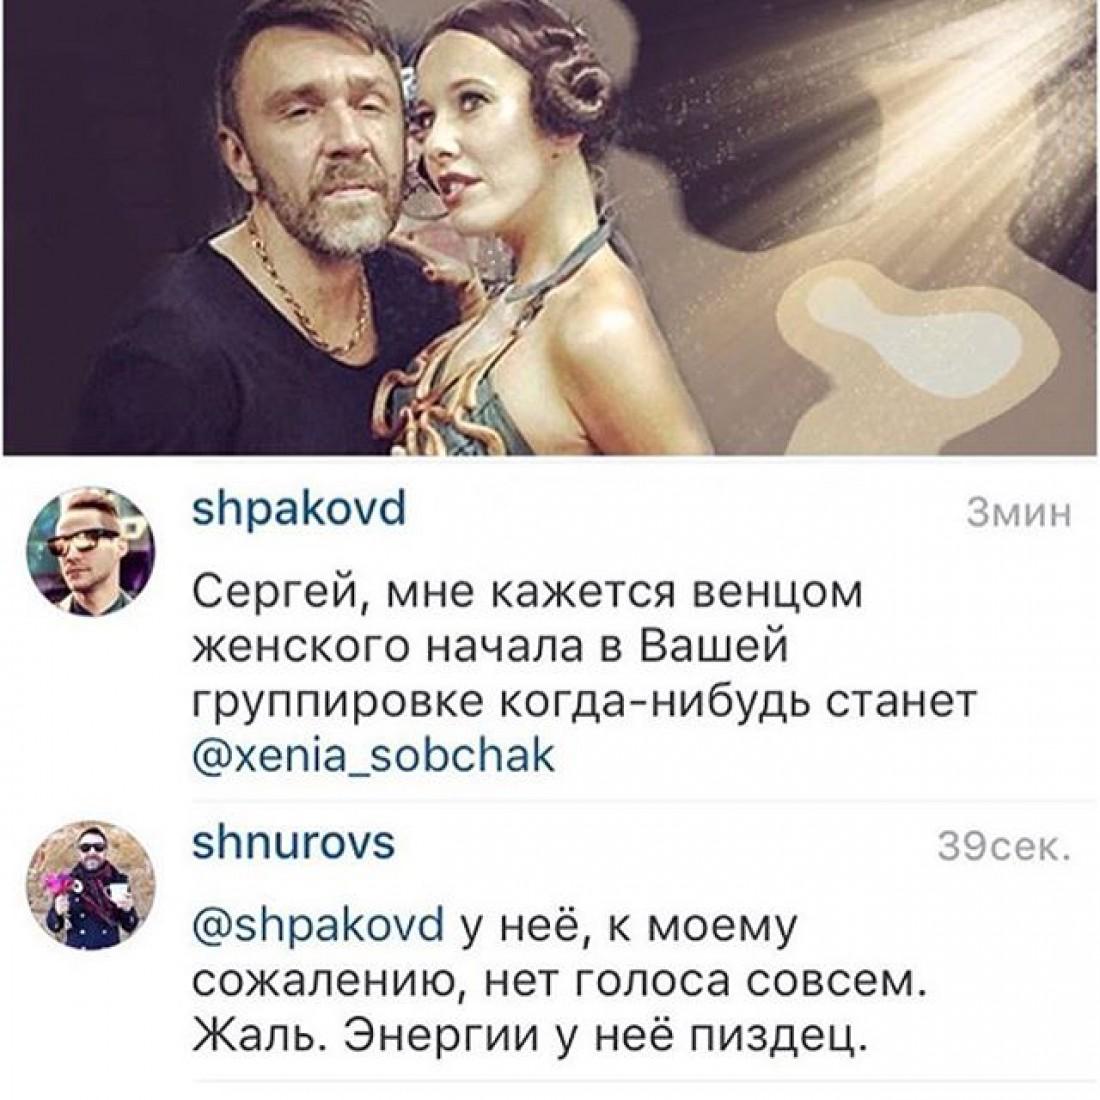 Шнуров посвятил песню подруге